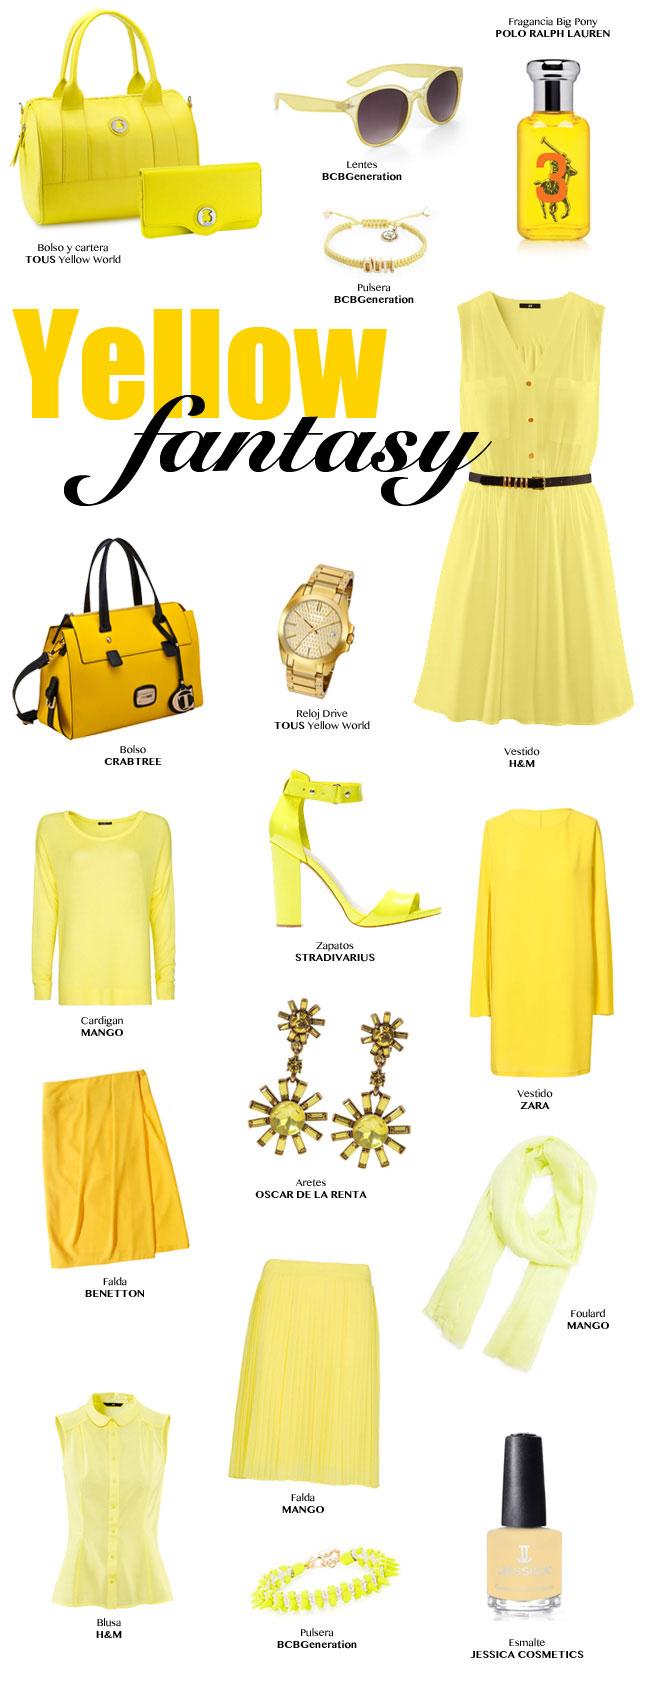 El outfit amarillo perfecto para esta primavera